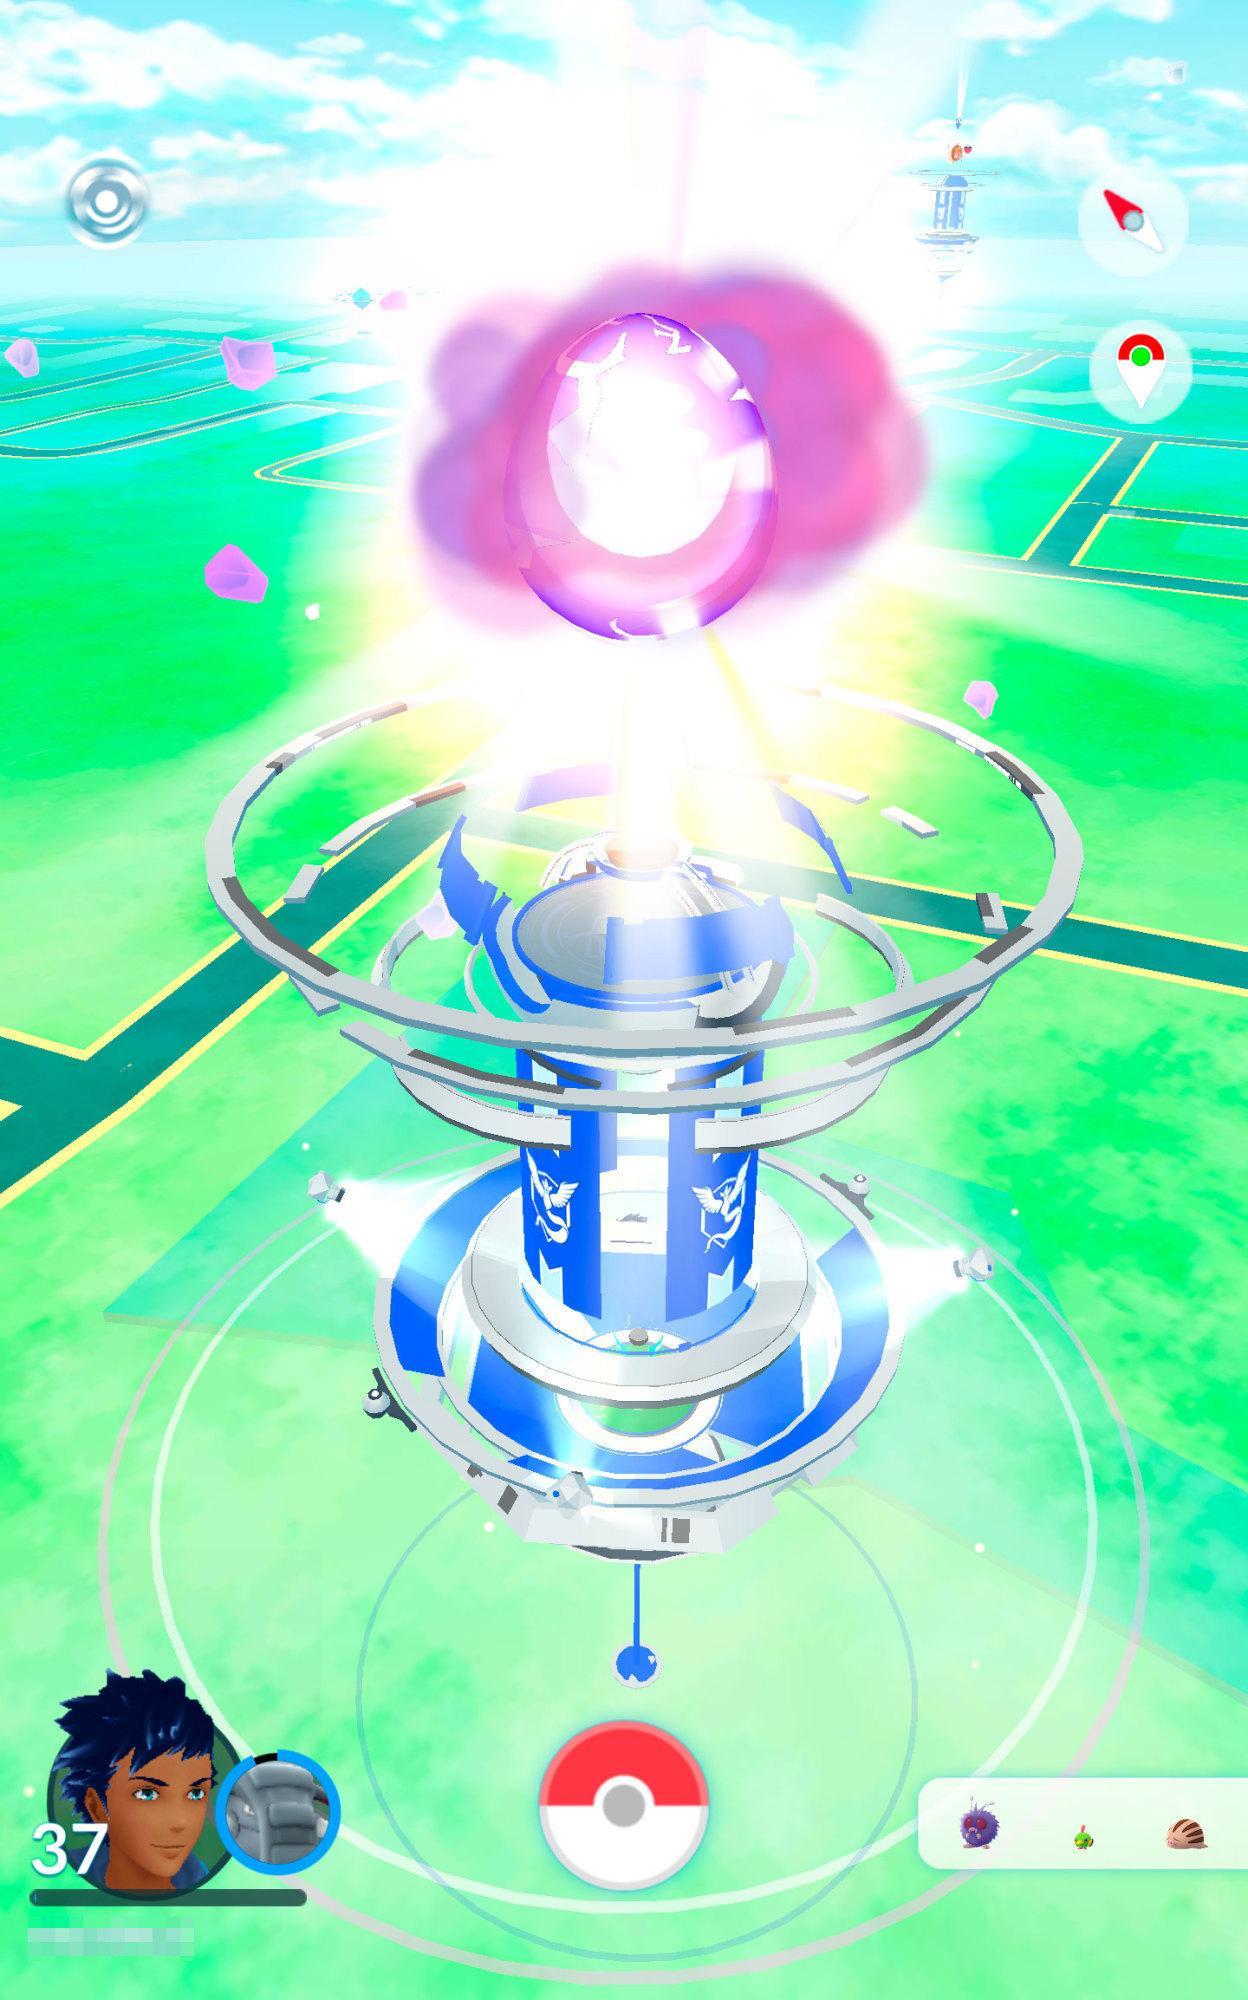 Ein Raid-Ei explodiert.